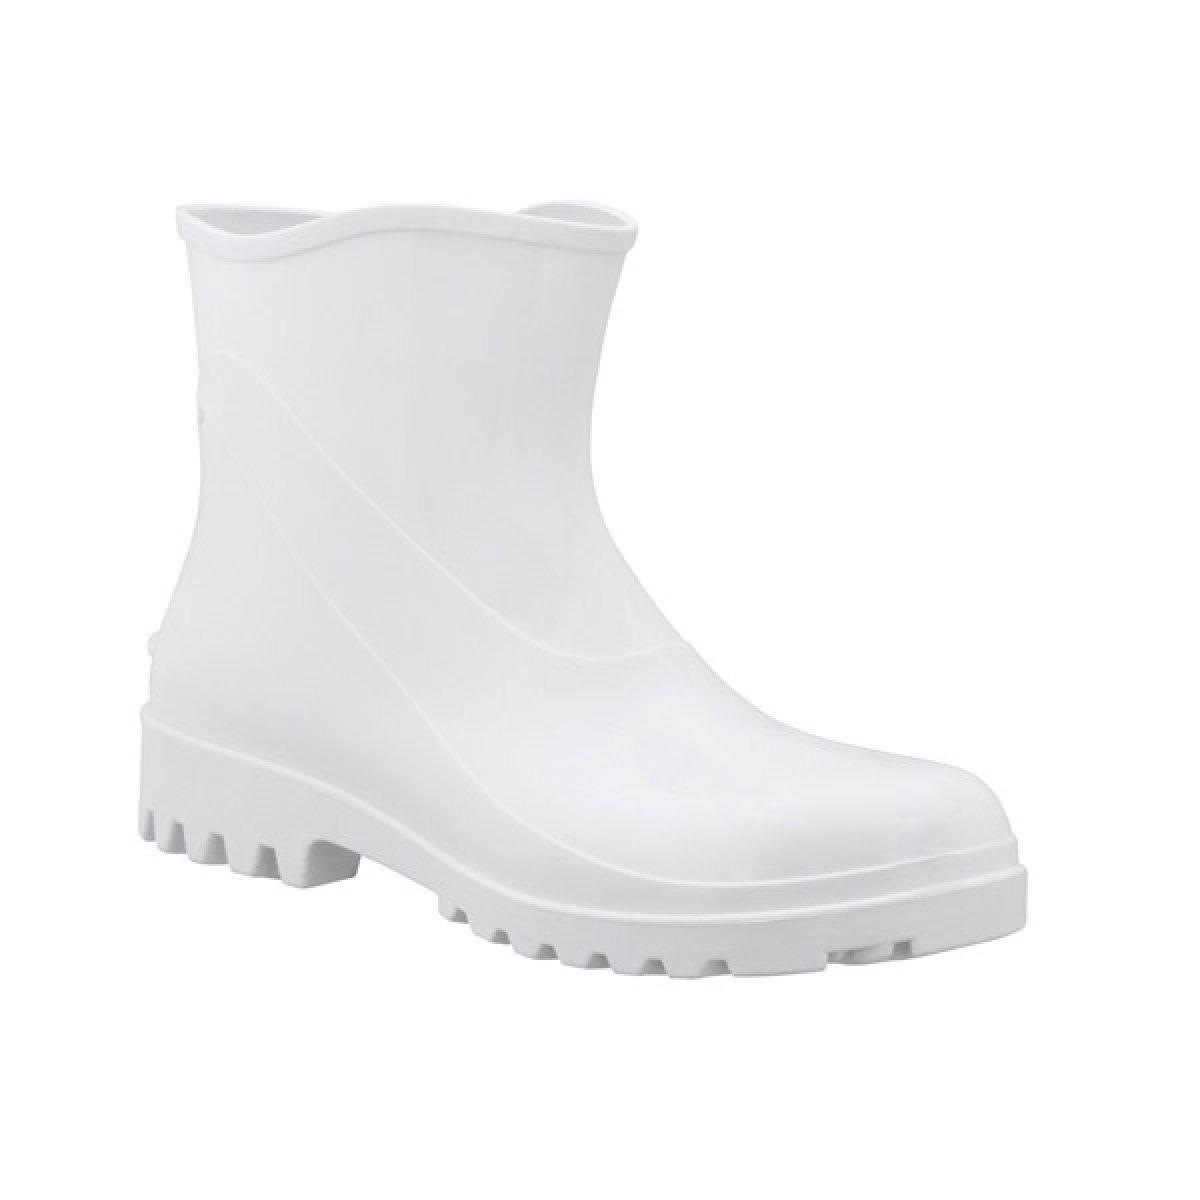 Bota de PVC Cano Extra curto Branco Numero 43 - Acqua Flex 82BPE - Bracol